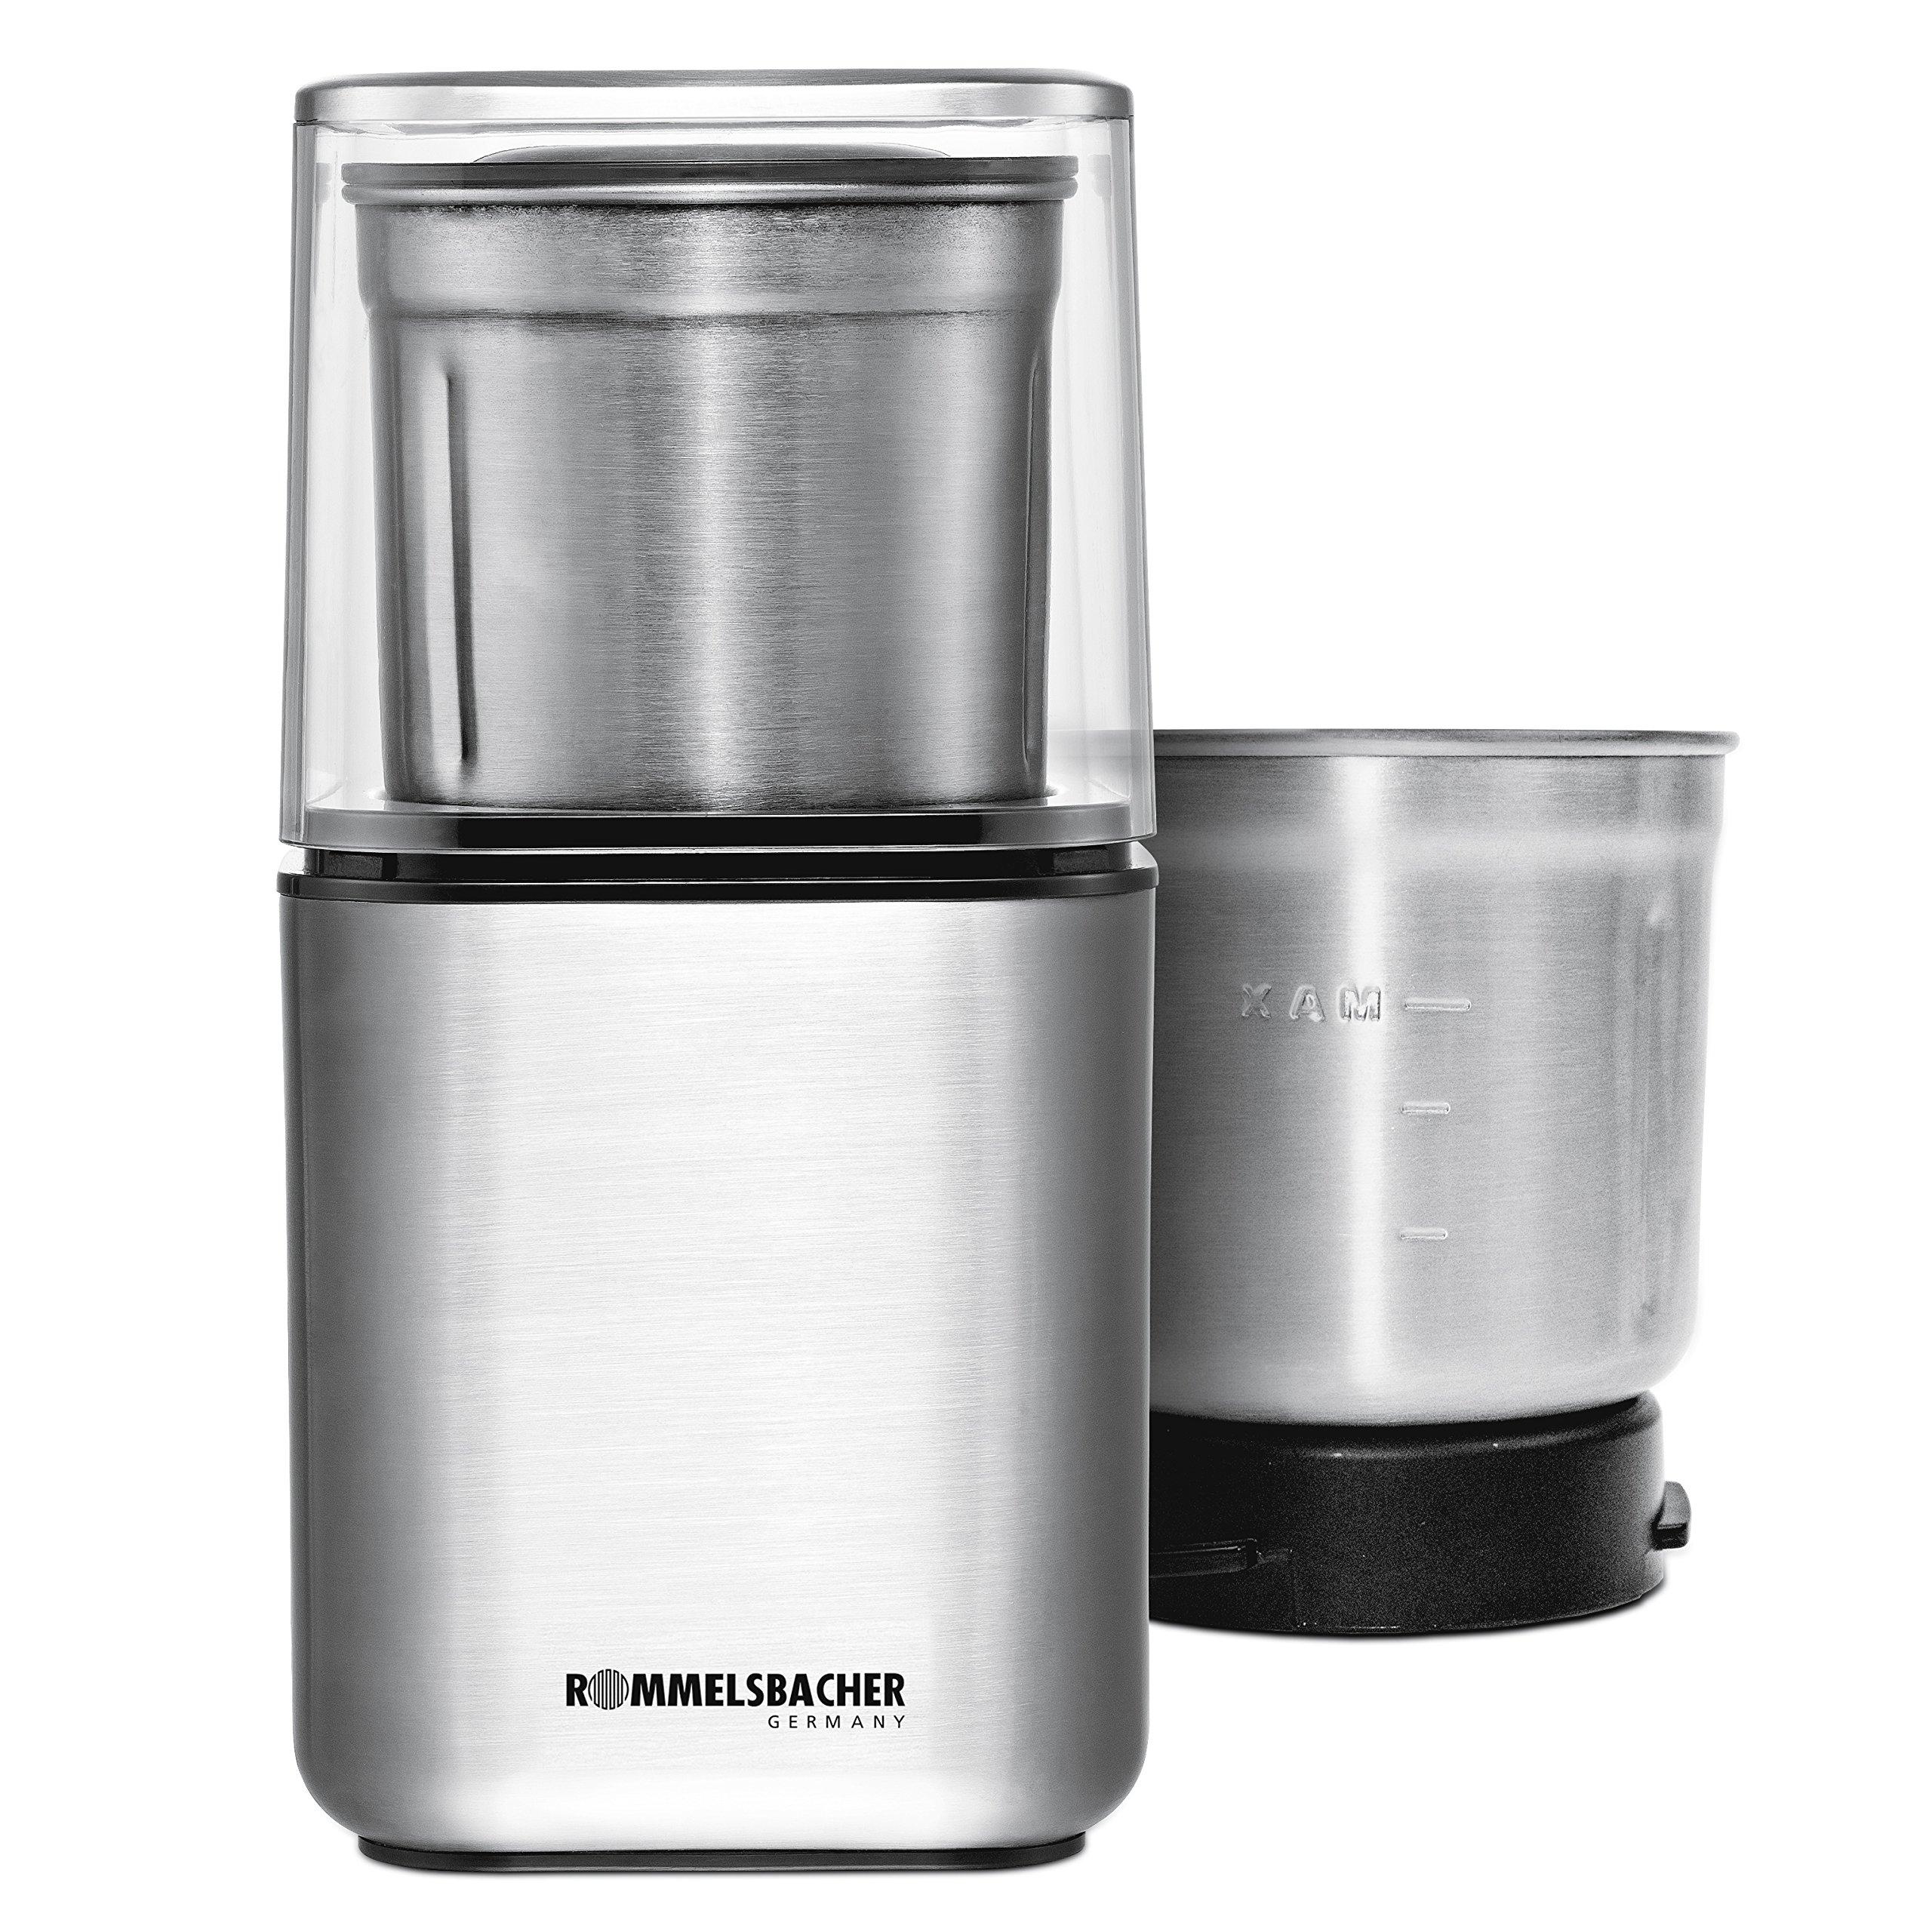 ROMMELSBACHER Gewürz und Kaffee Mühle EGK 200 – 2 Edelstahlbehälter mit Schlagmesser & Spezialmesser, Füllmenge 70 g…